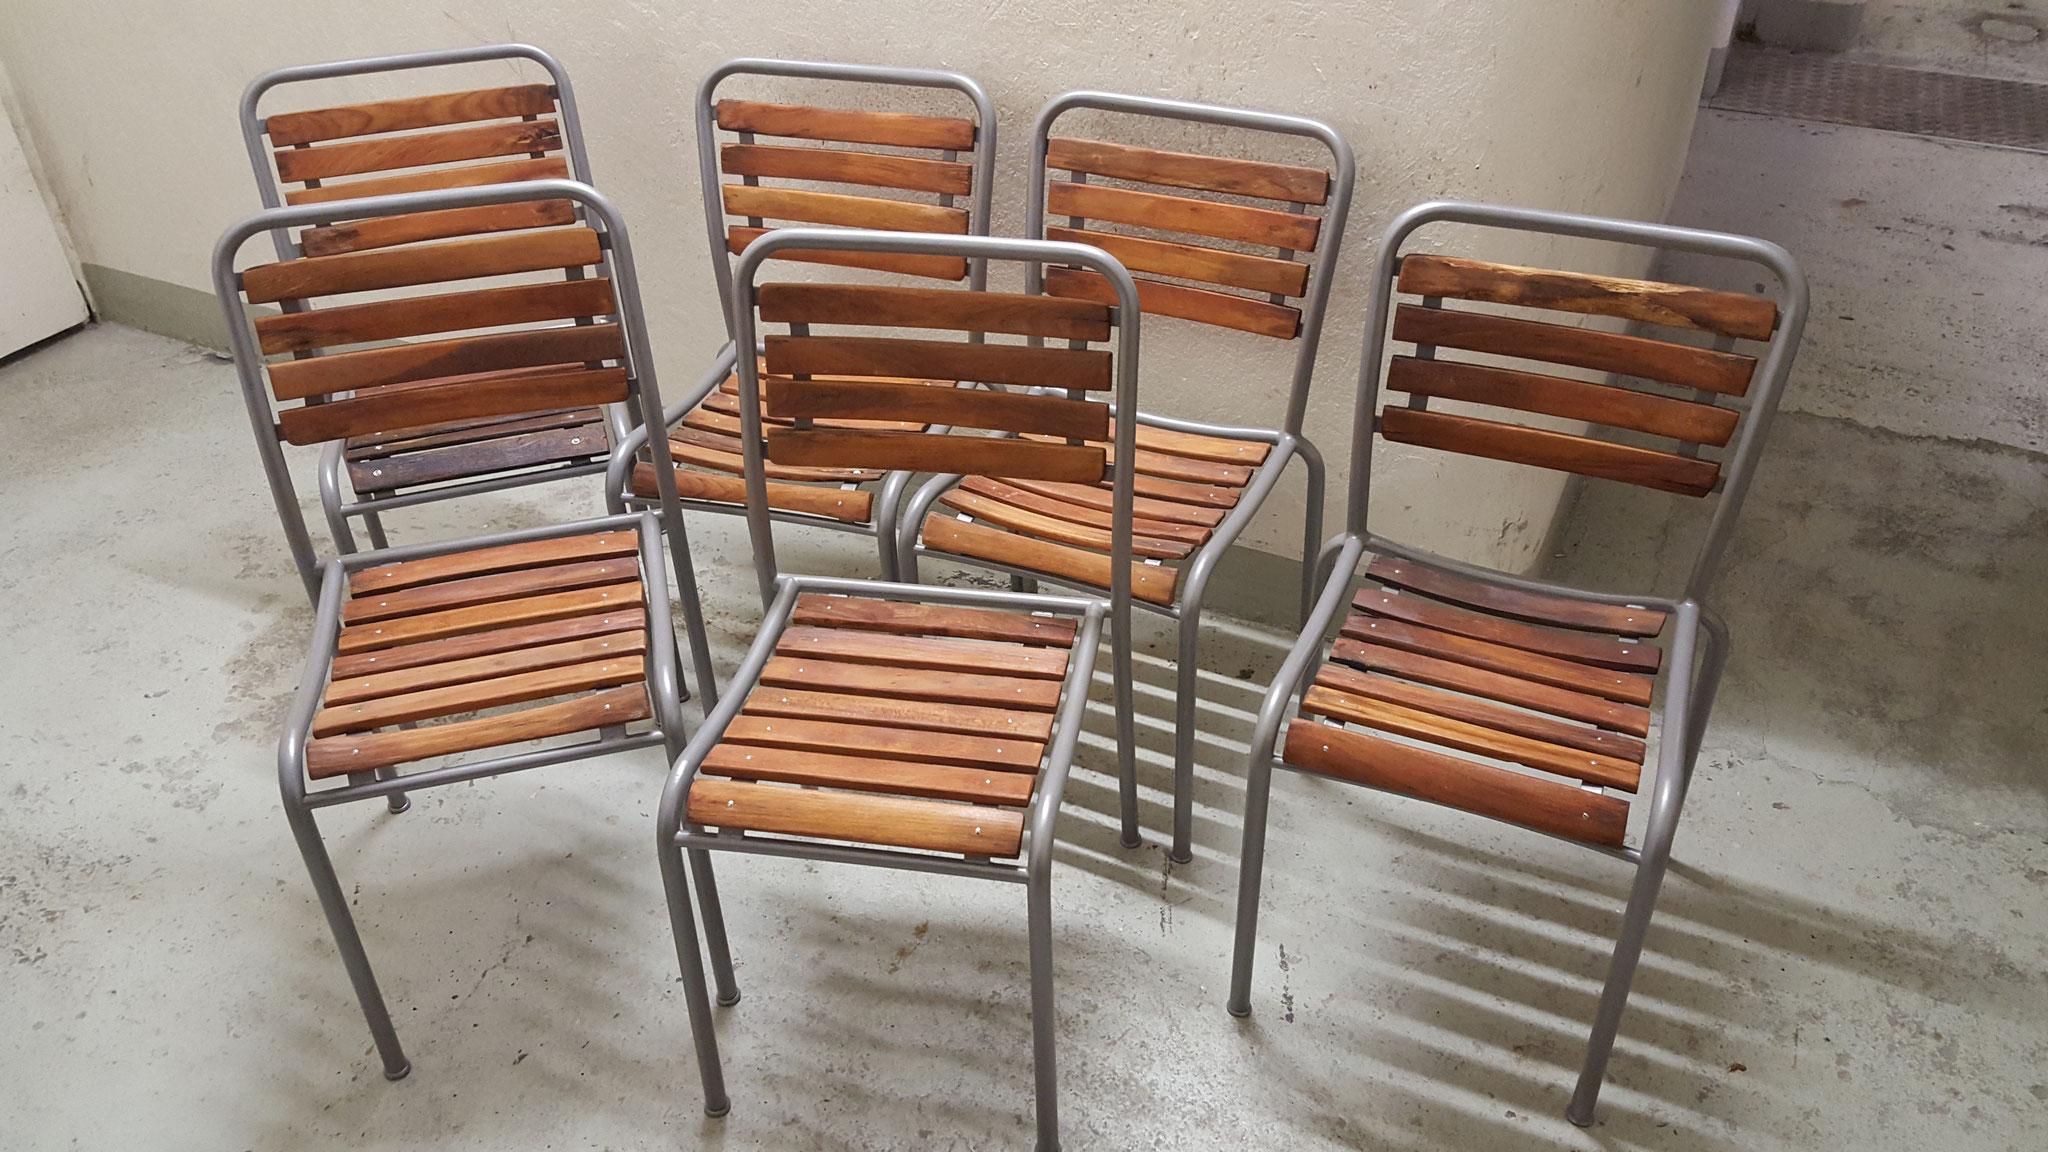 Metallstühle mit Holzlatten